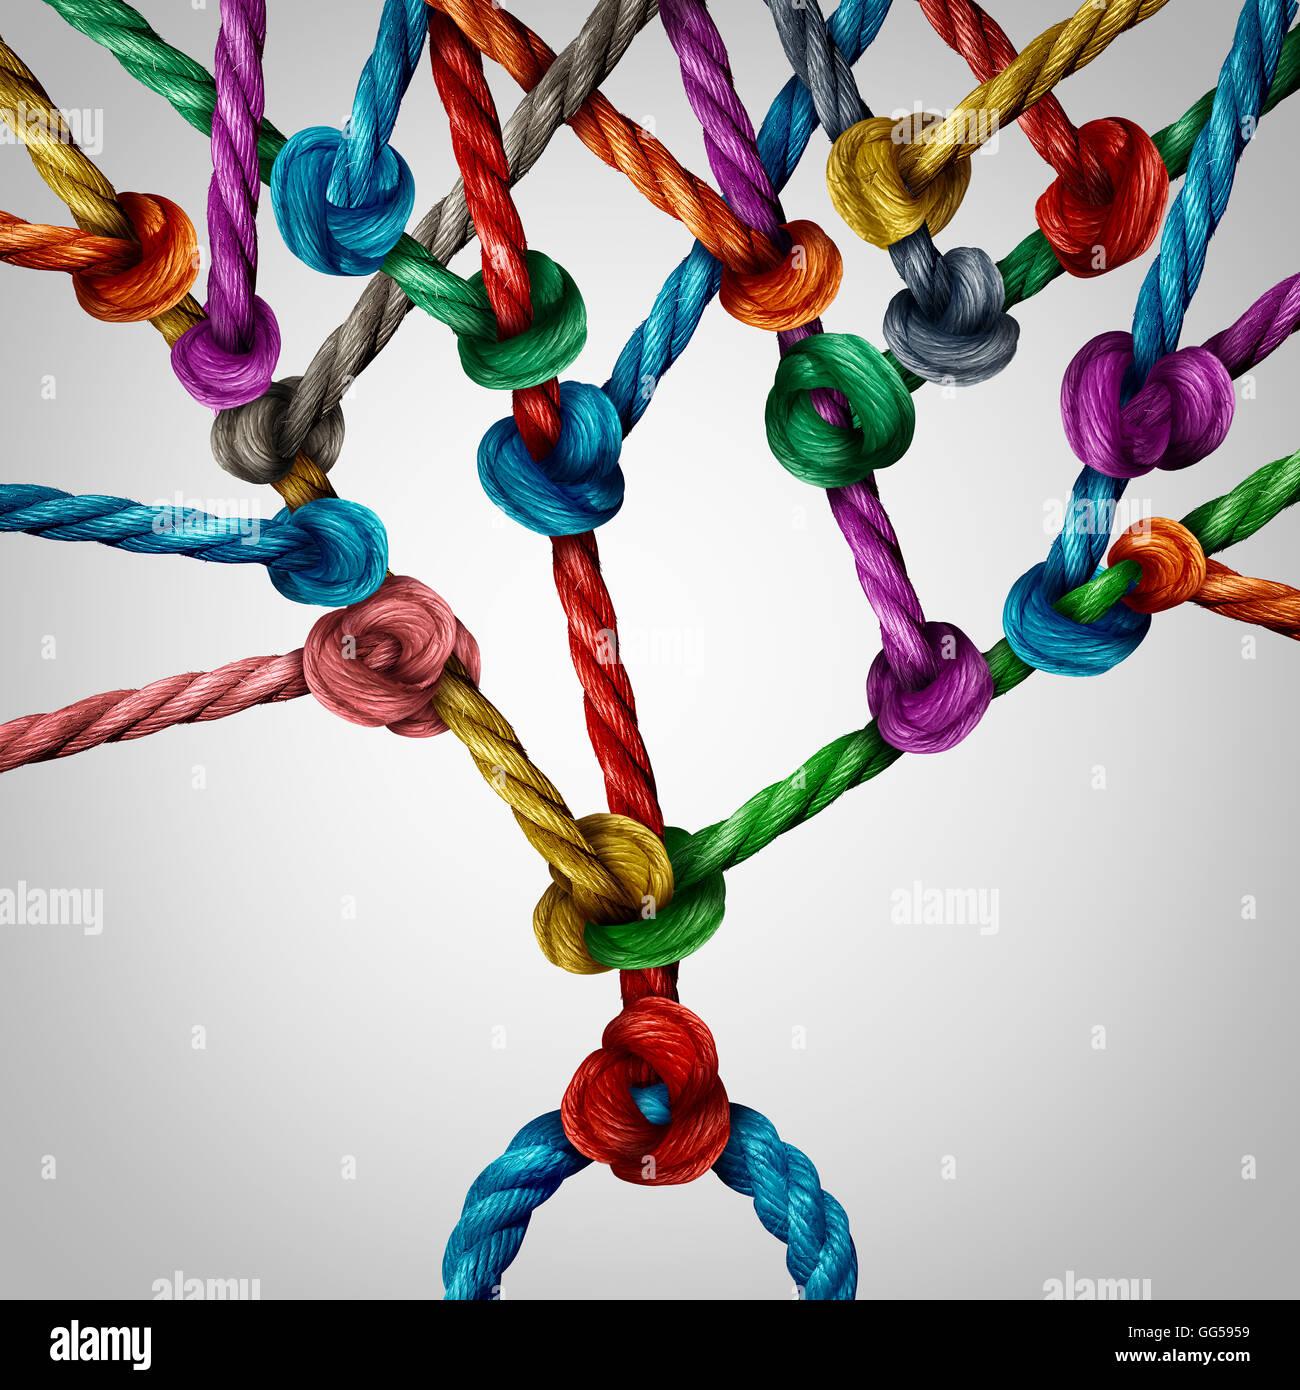 Baum die Netzwerkverbindung als eine Gruppe von verbundenen Seile zusammen als Wachstum verzweigte Struktur gebunden. Stockbild